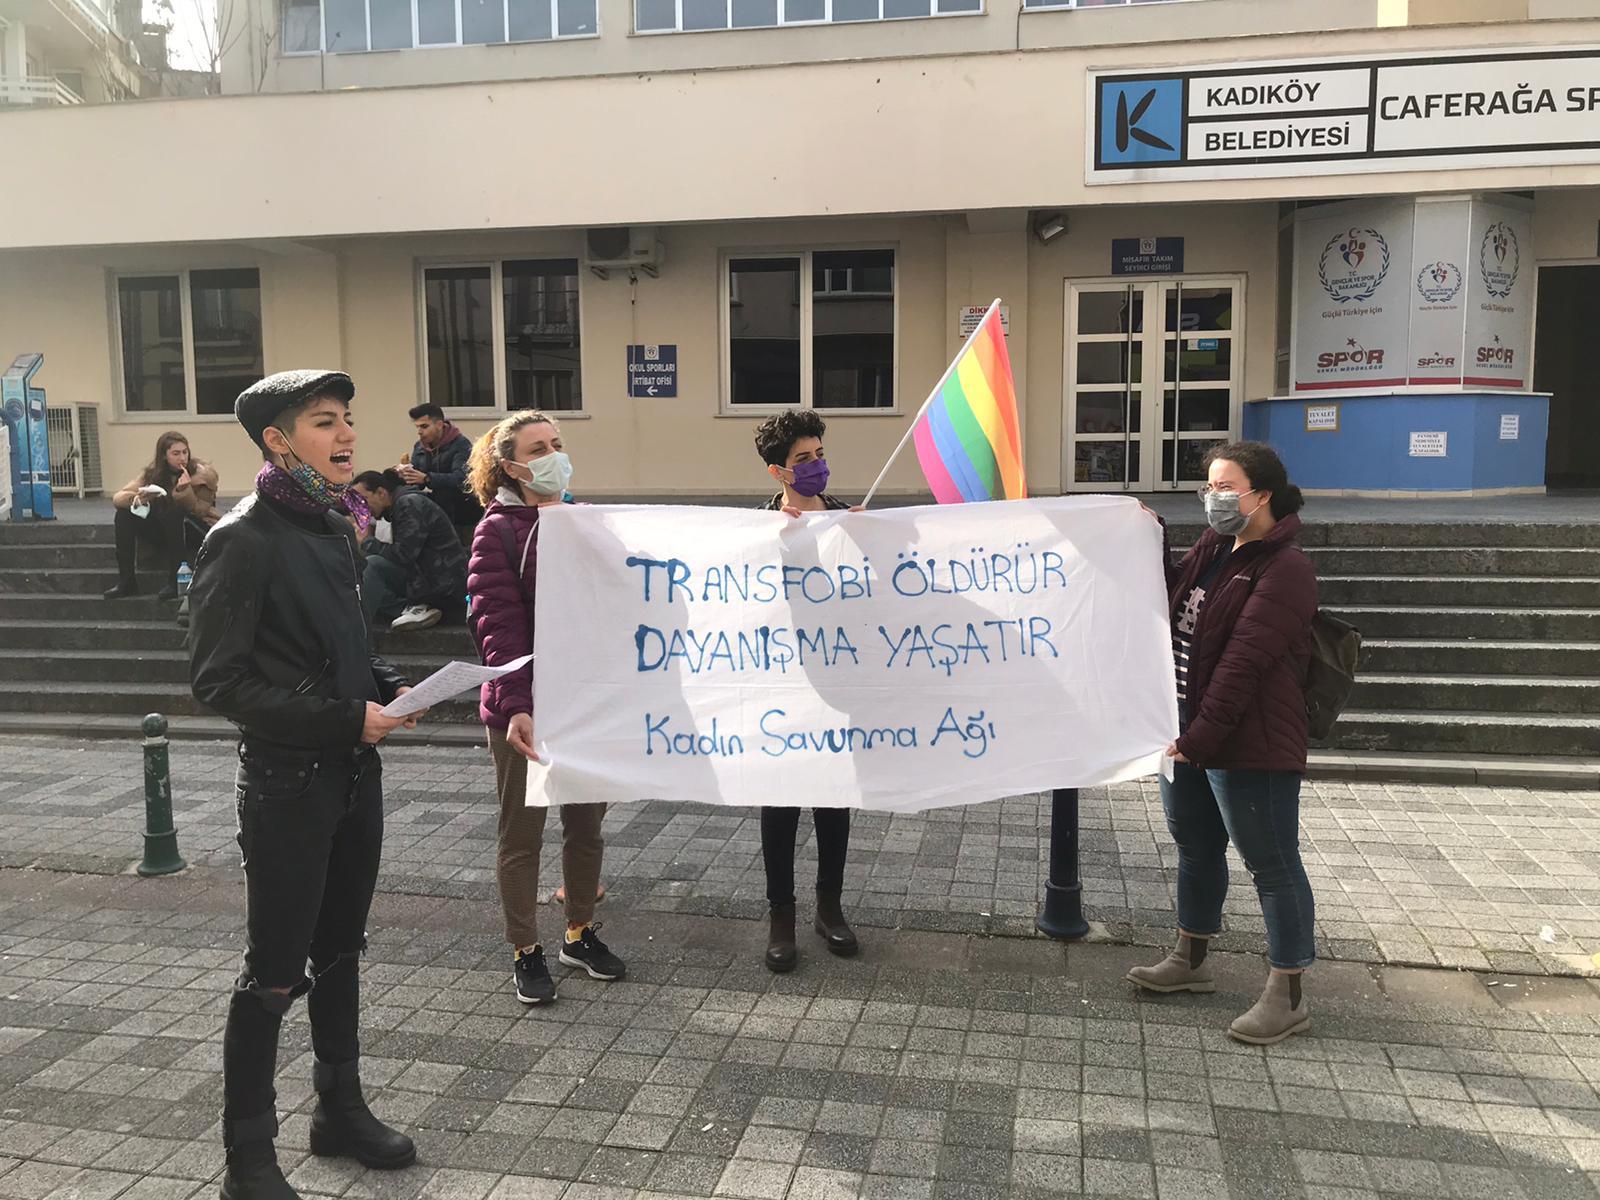 Transfobiye karşı hayatlarımızı savunacağız!